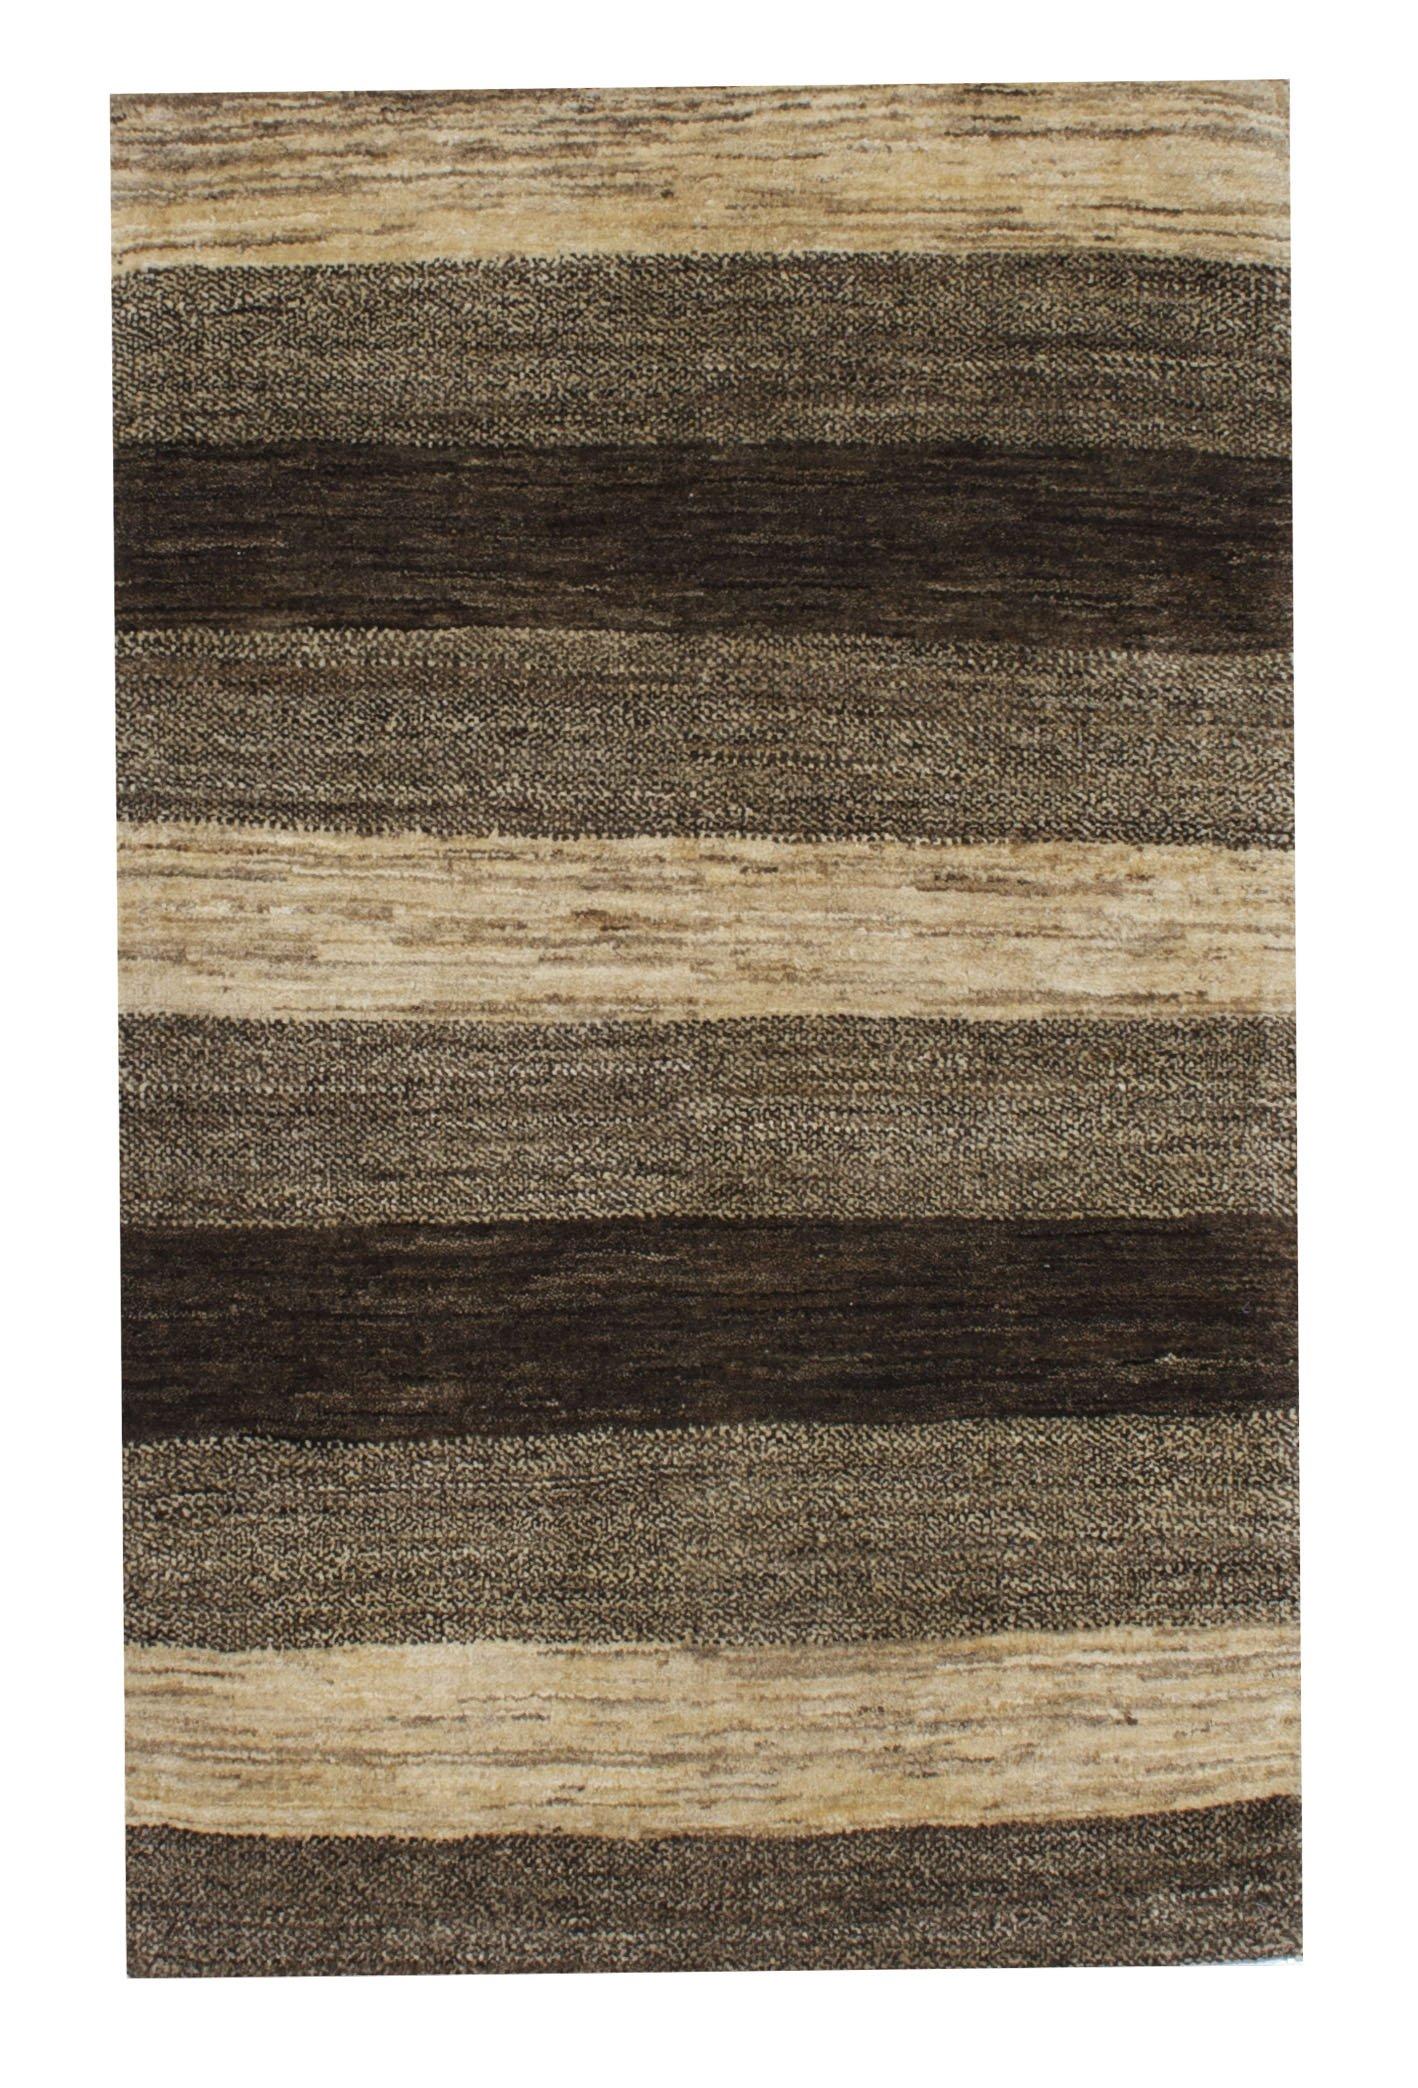 """Gabbeh 2' 7"""" x 4' Undyed Natural Wool Handmade Area Rug - Shabahang Royal Carpet"""